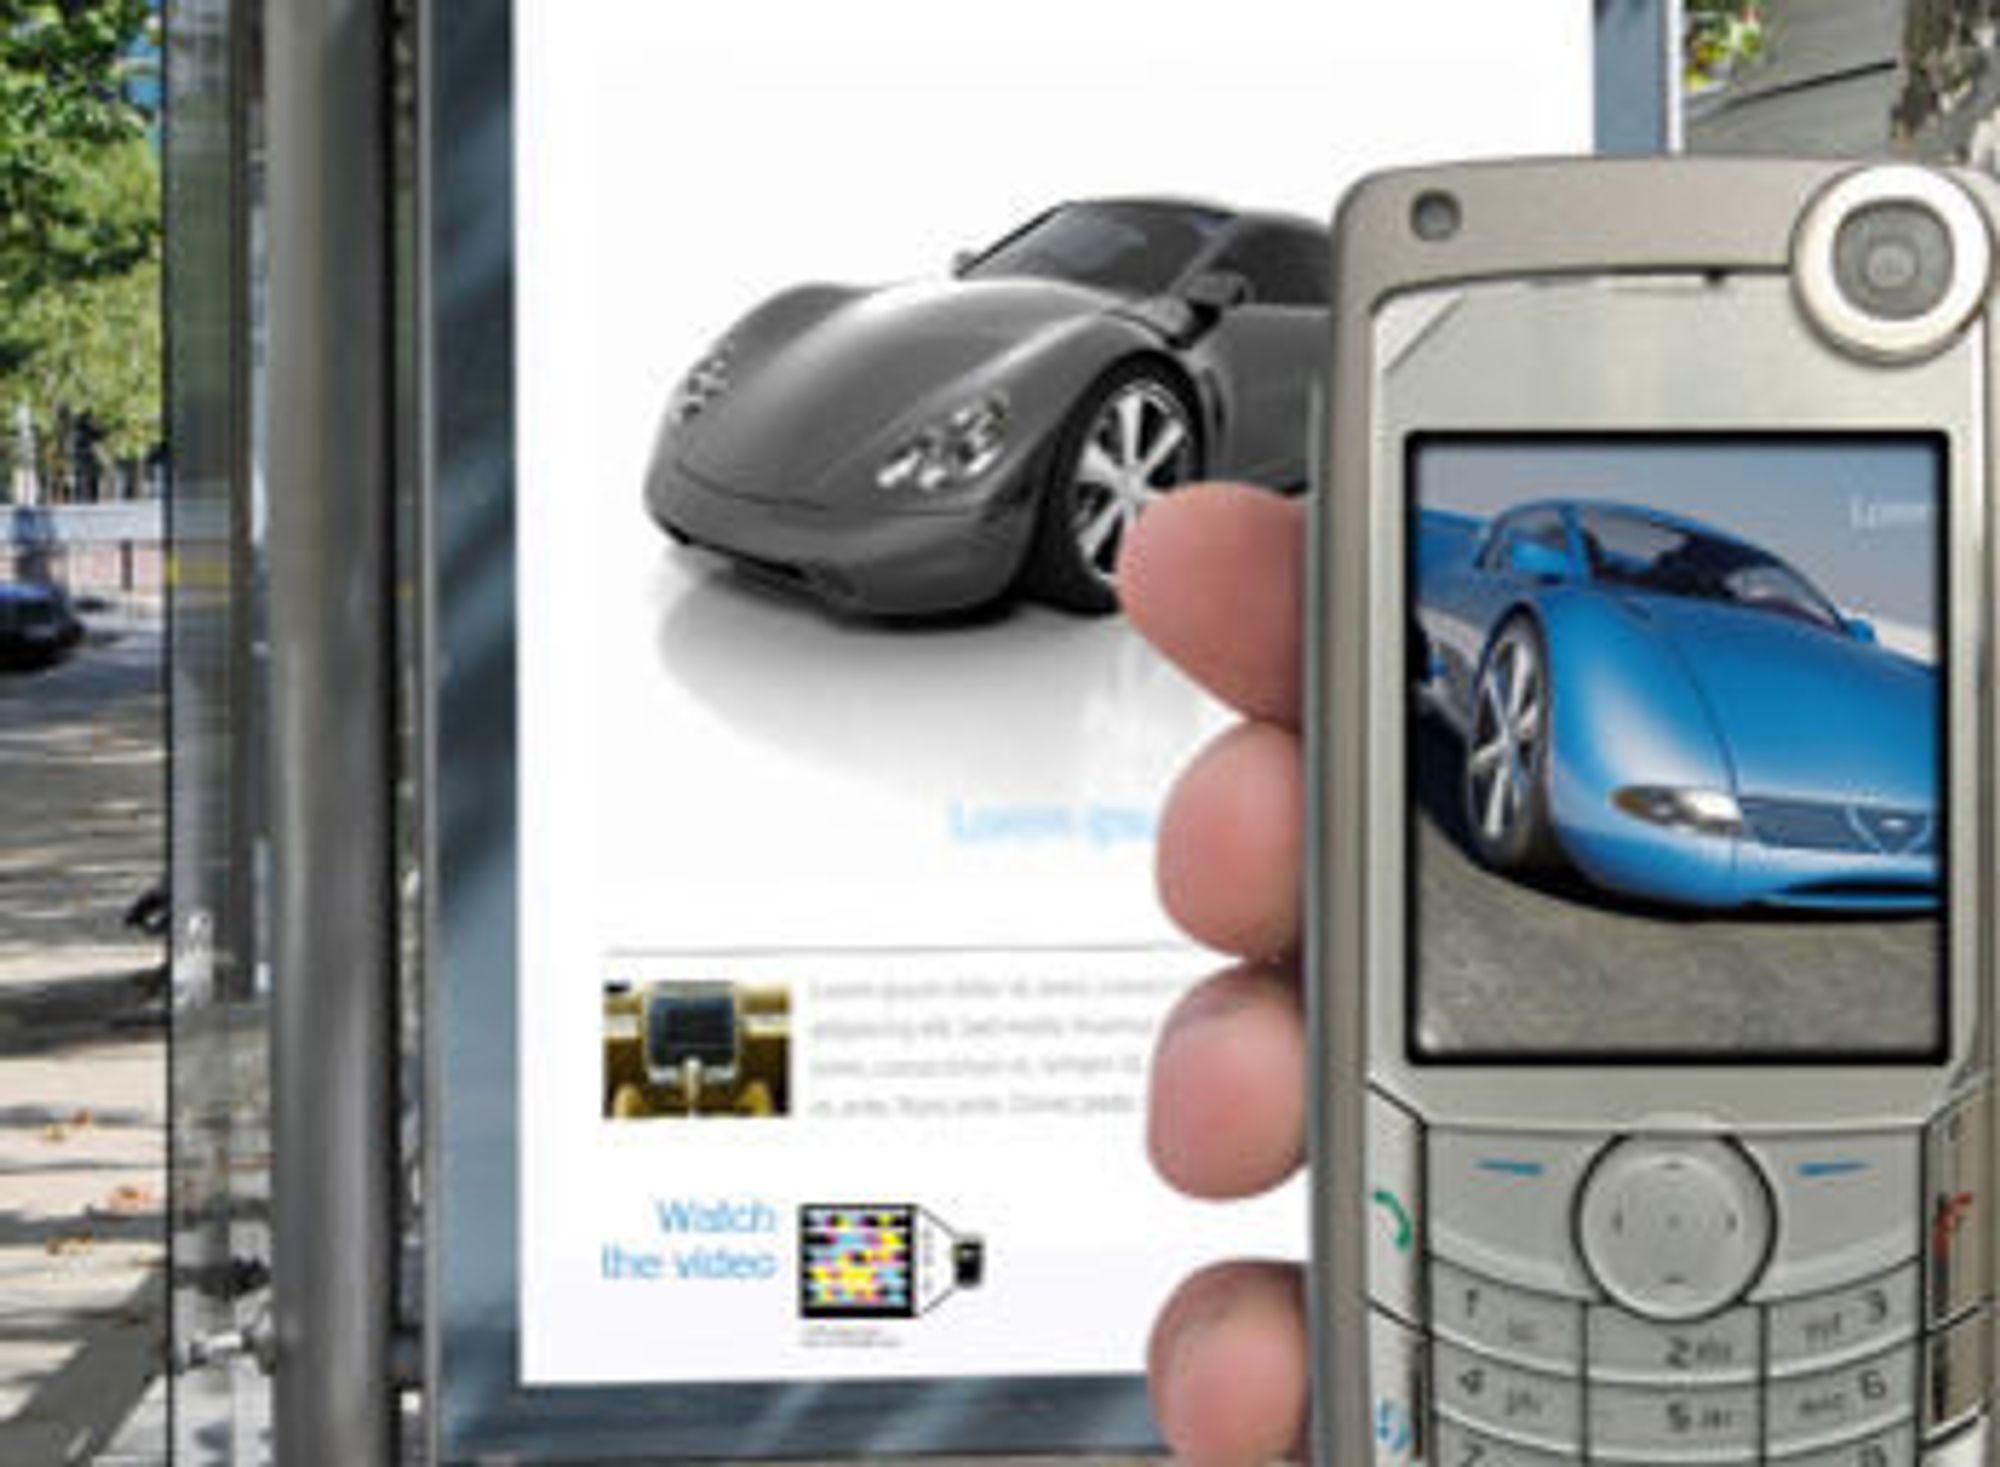 Merket nederst på plakaten leder mobilbrukeren til en video av bilen.